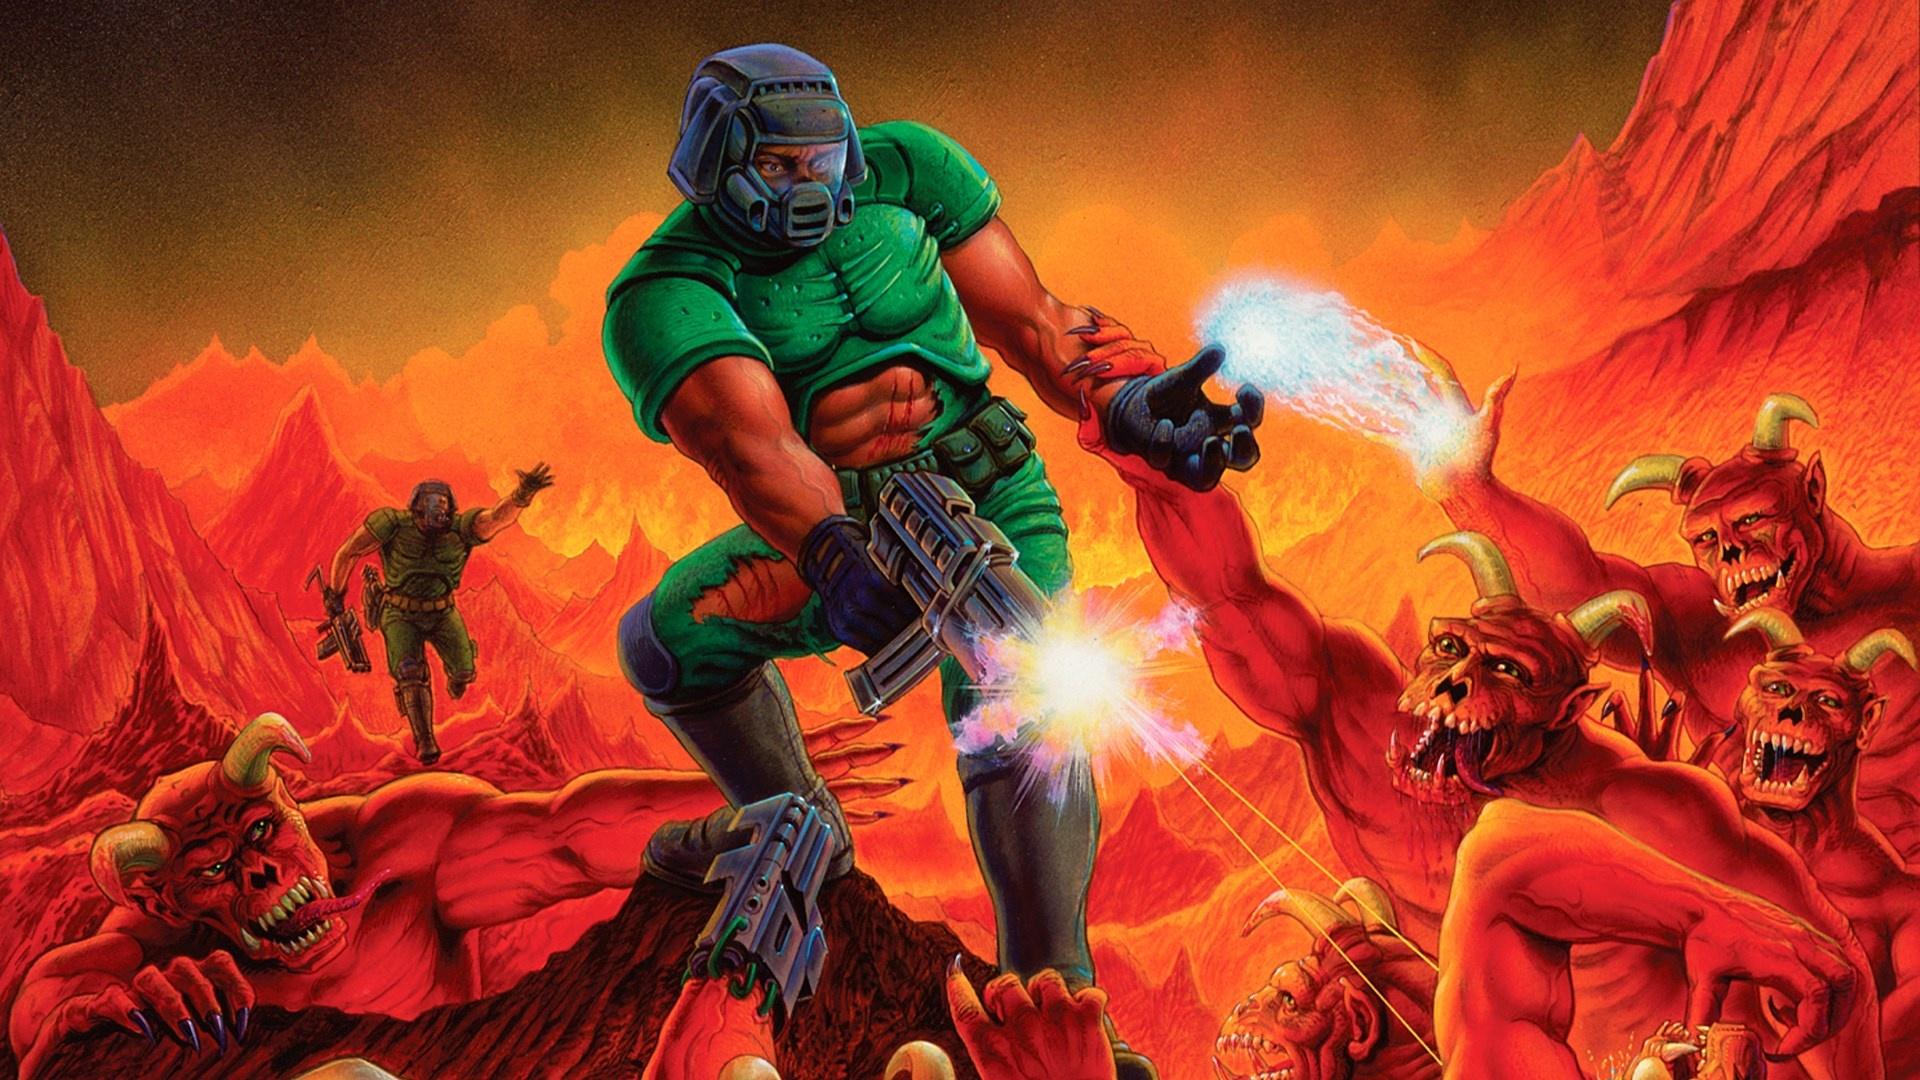 Выход оригинальной трилогии Doom на консолях вызвал шквал шуток в интернете